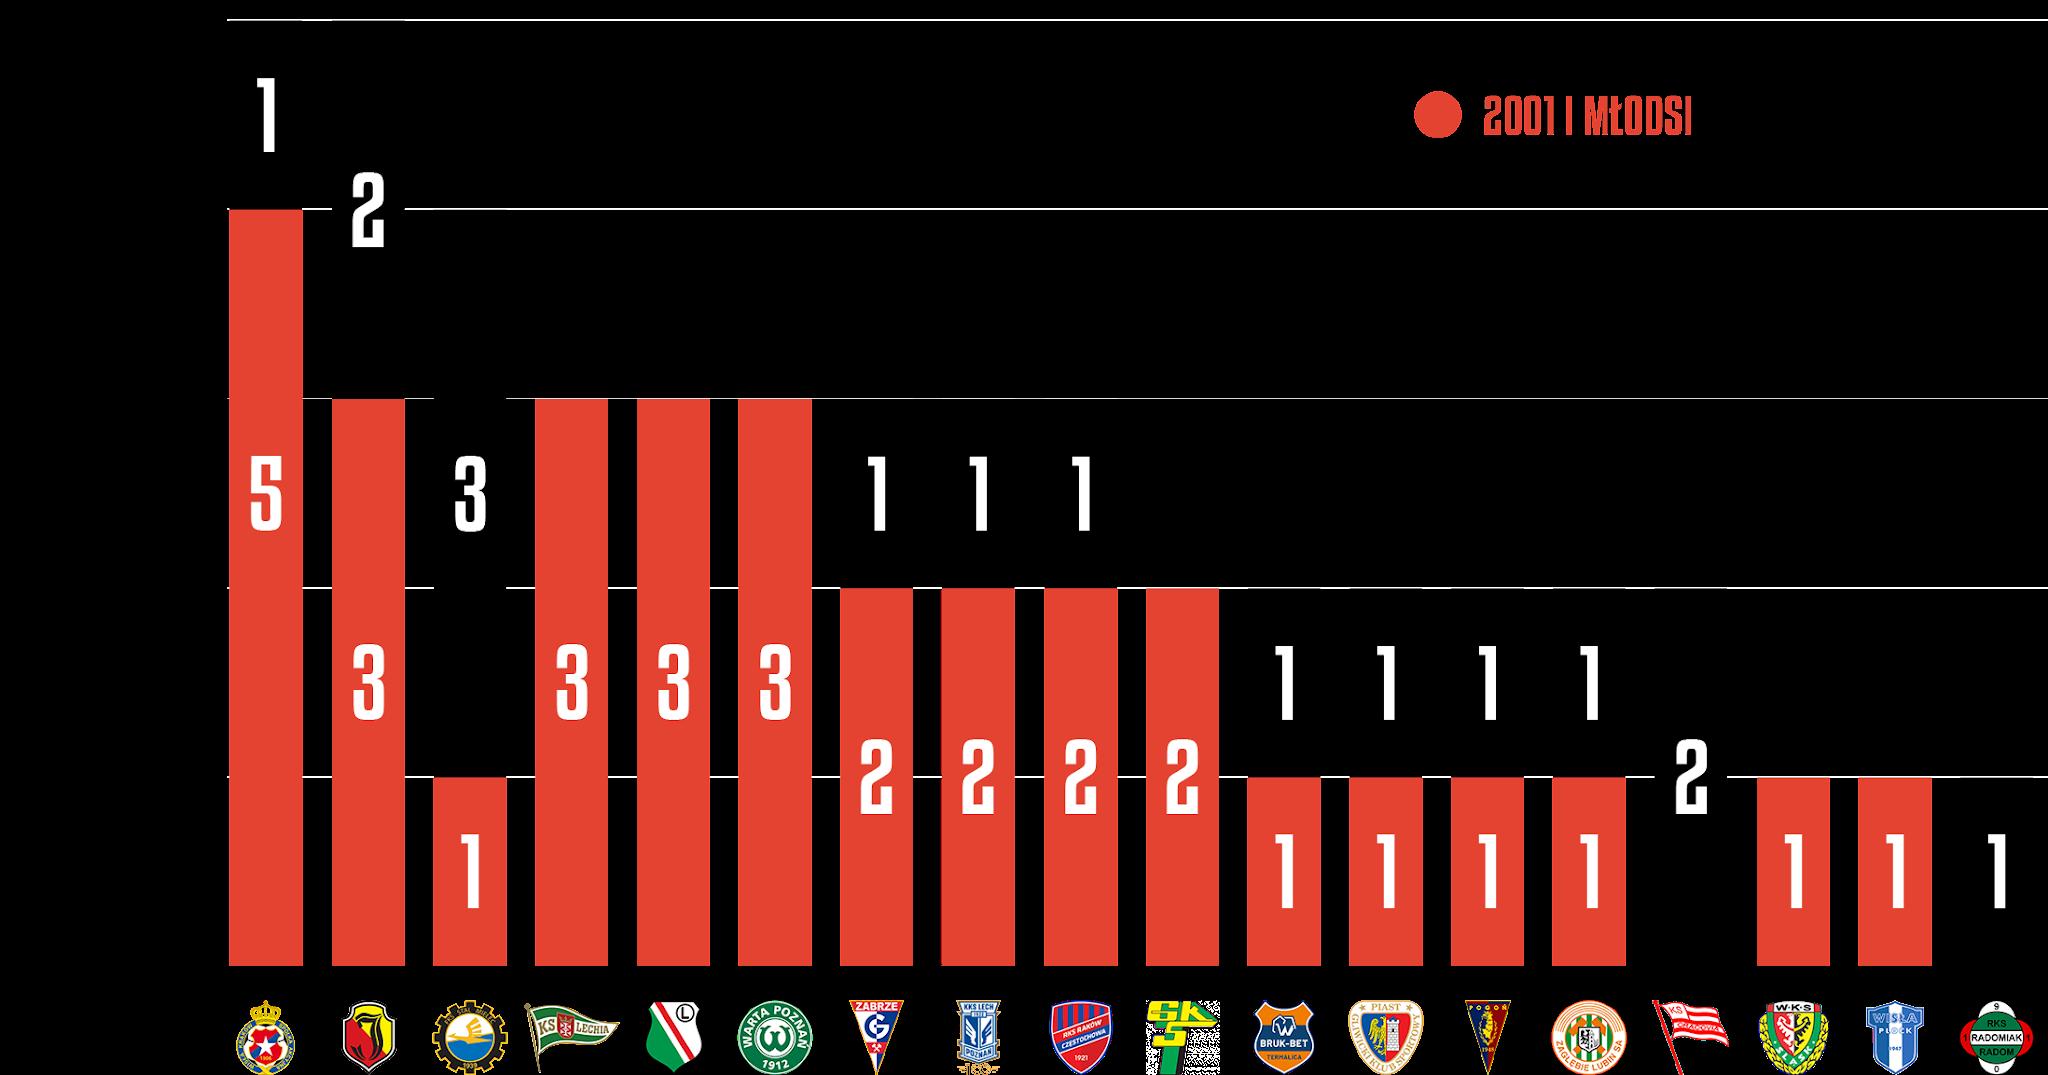 Młodzieżowcy w 2. kolejce PKO Ekstraklasy<br><br>Źródło: Opracowanie własne na podstawie ekstrastats.pl<br><br>graf. Bartosz Urban